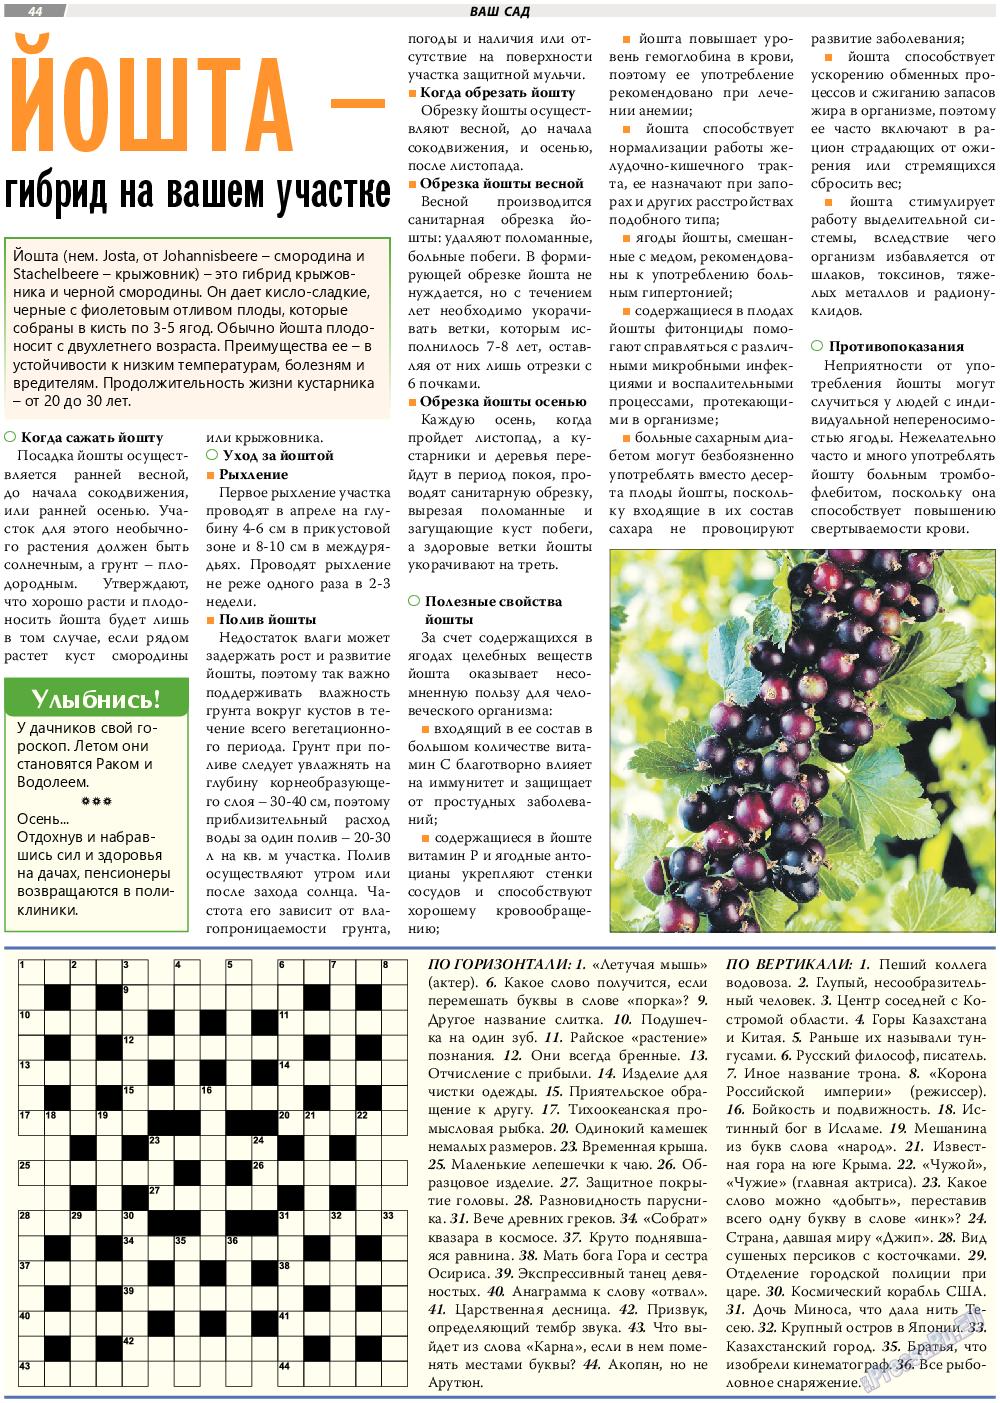 TVrus (газета). 2017 год, номер 14, стр. 44